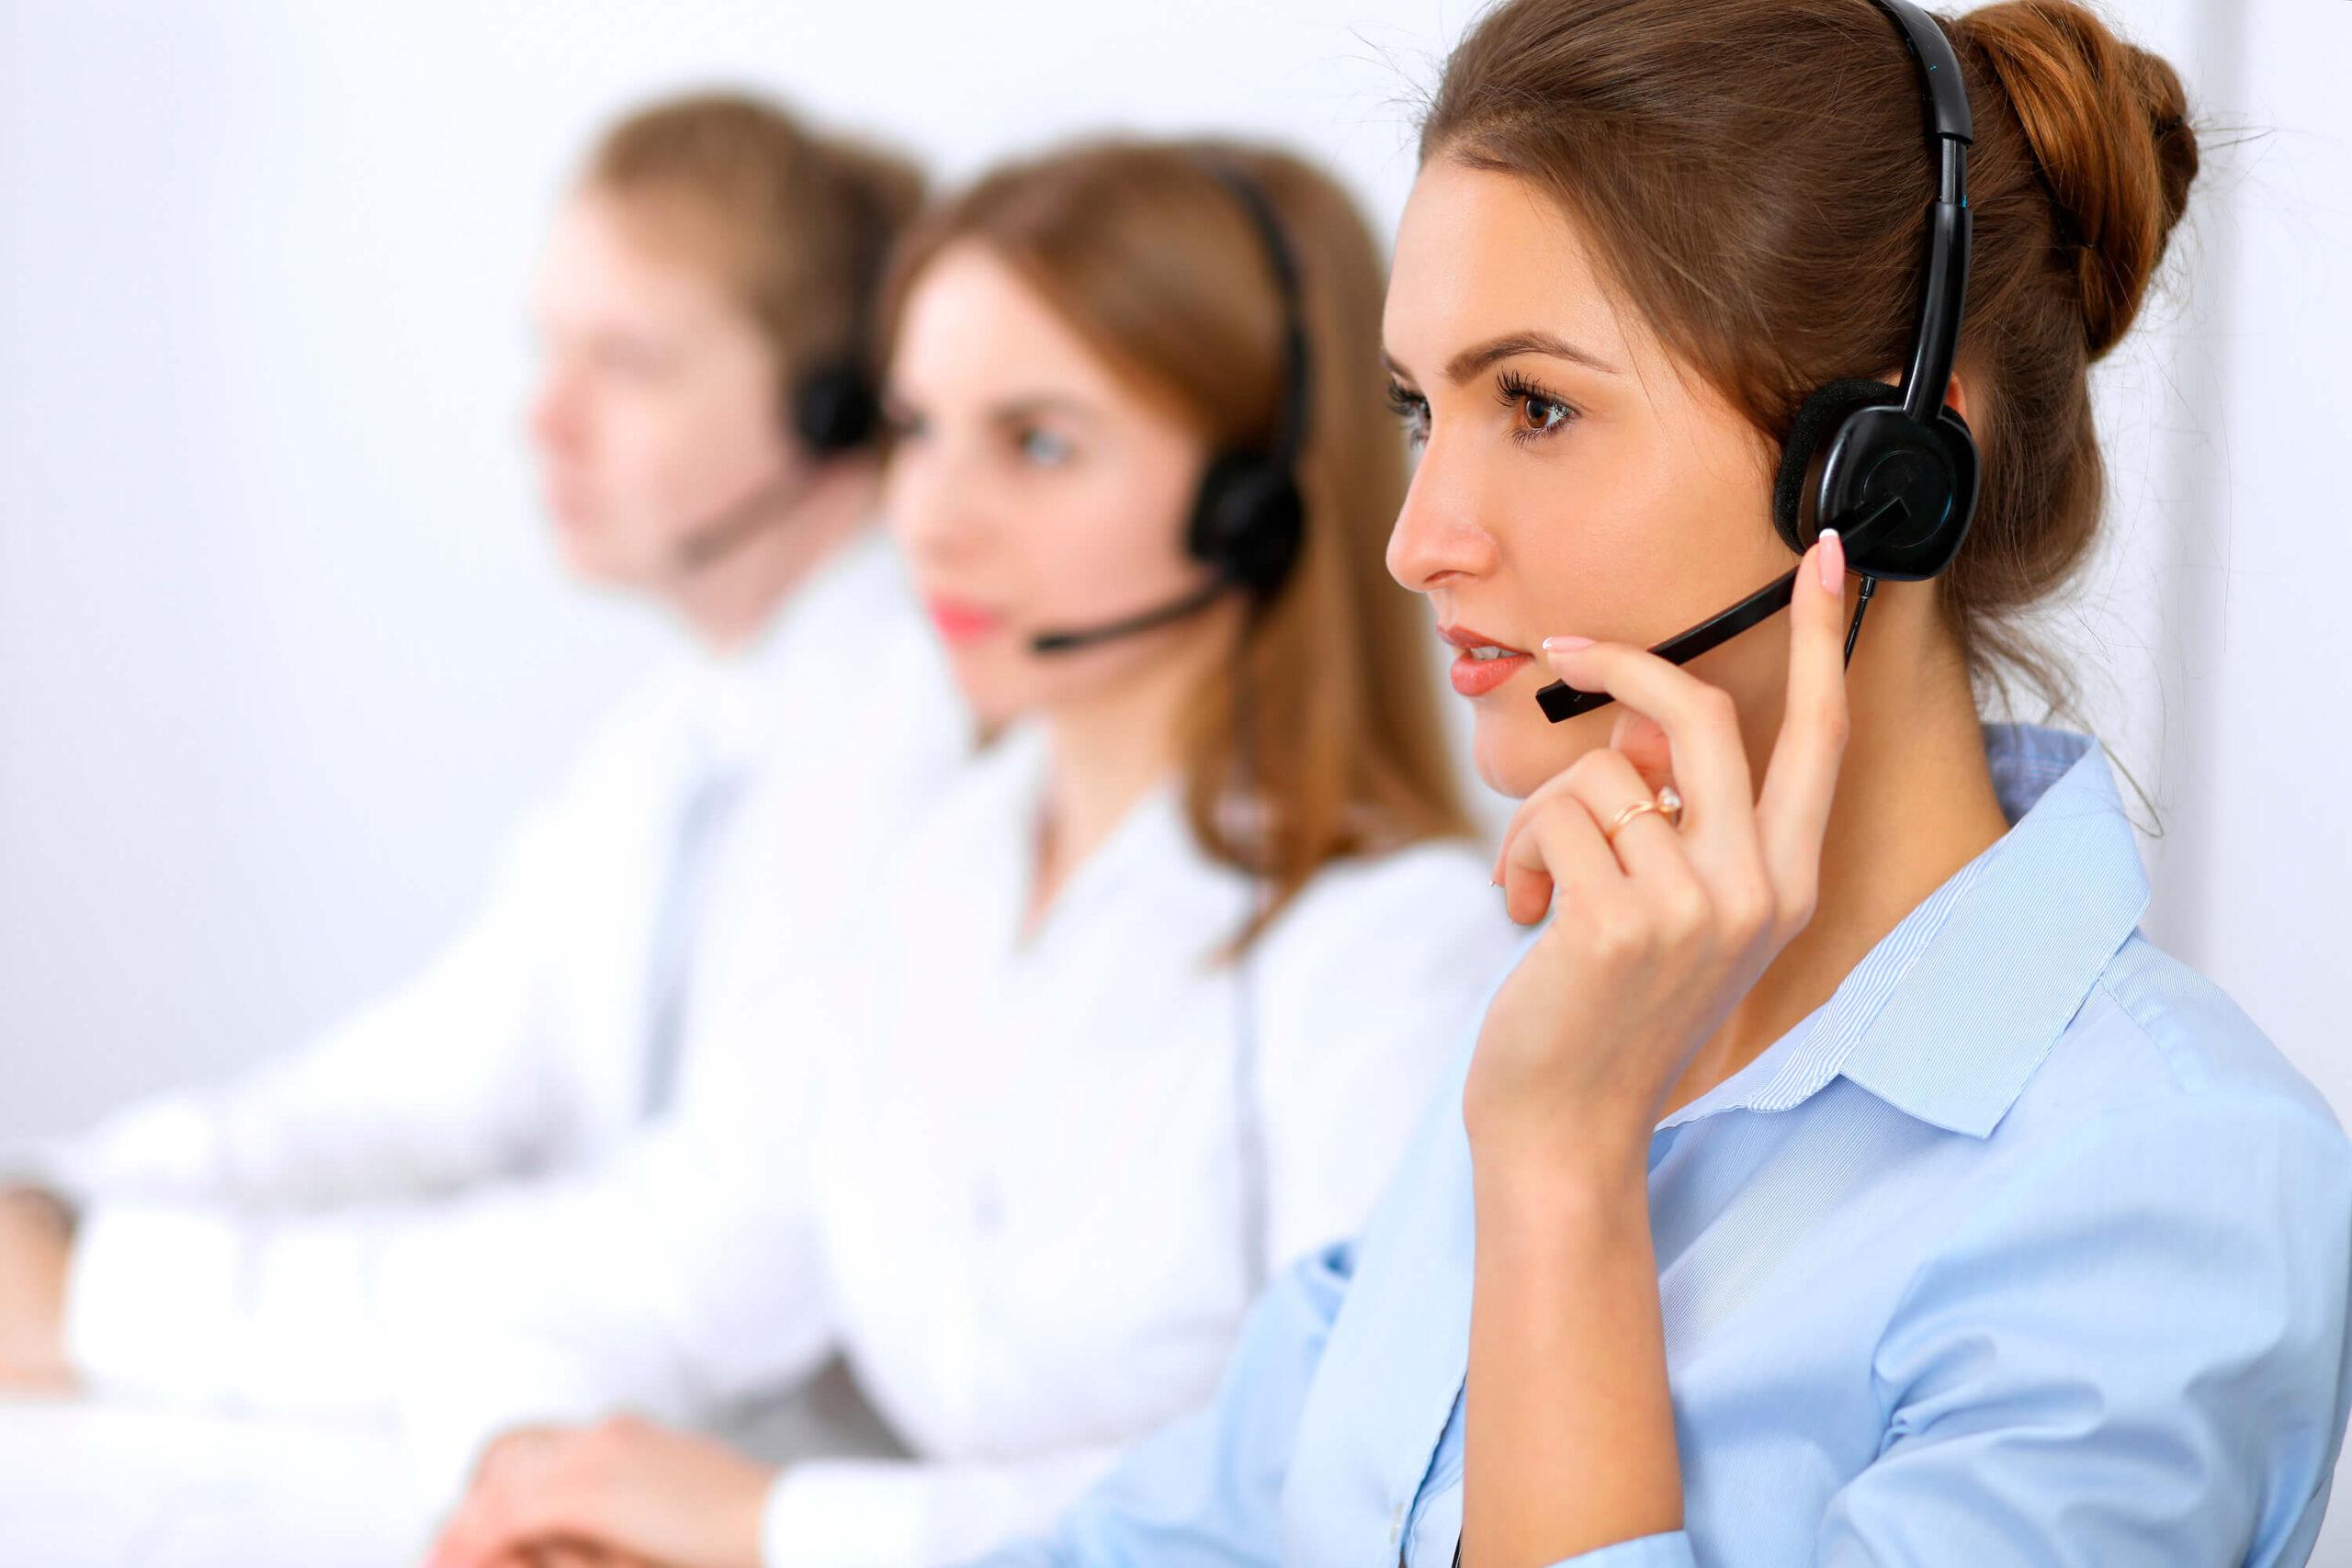 curso-presencial-gestion-de-llamadas-de-teleasistencia-landing-gala-formacion